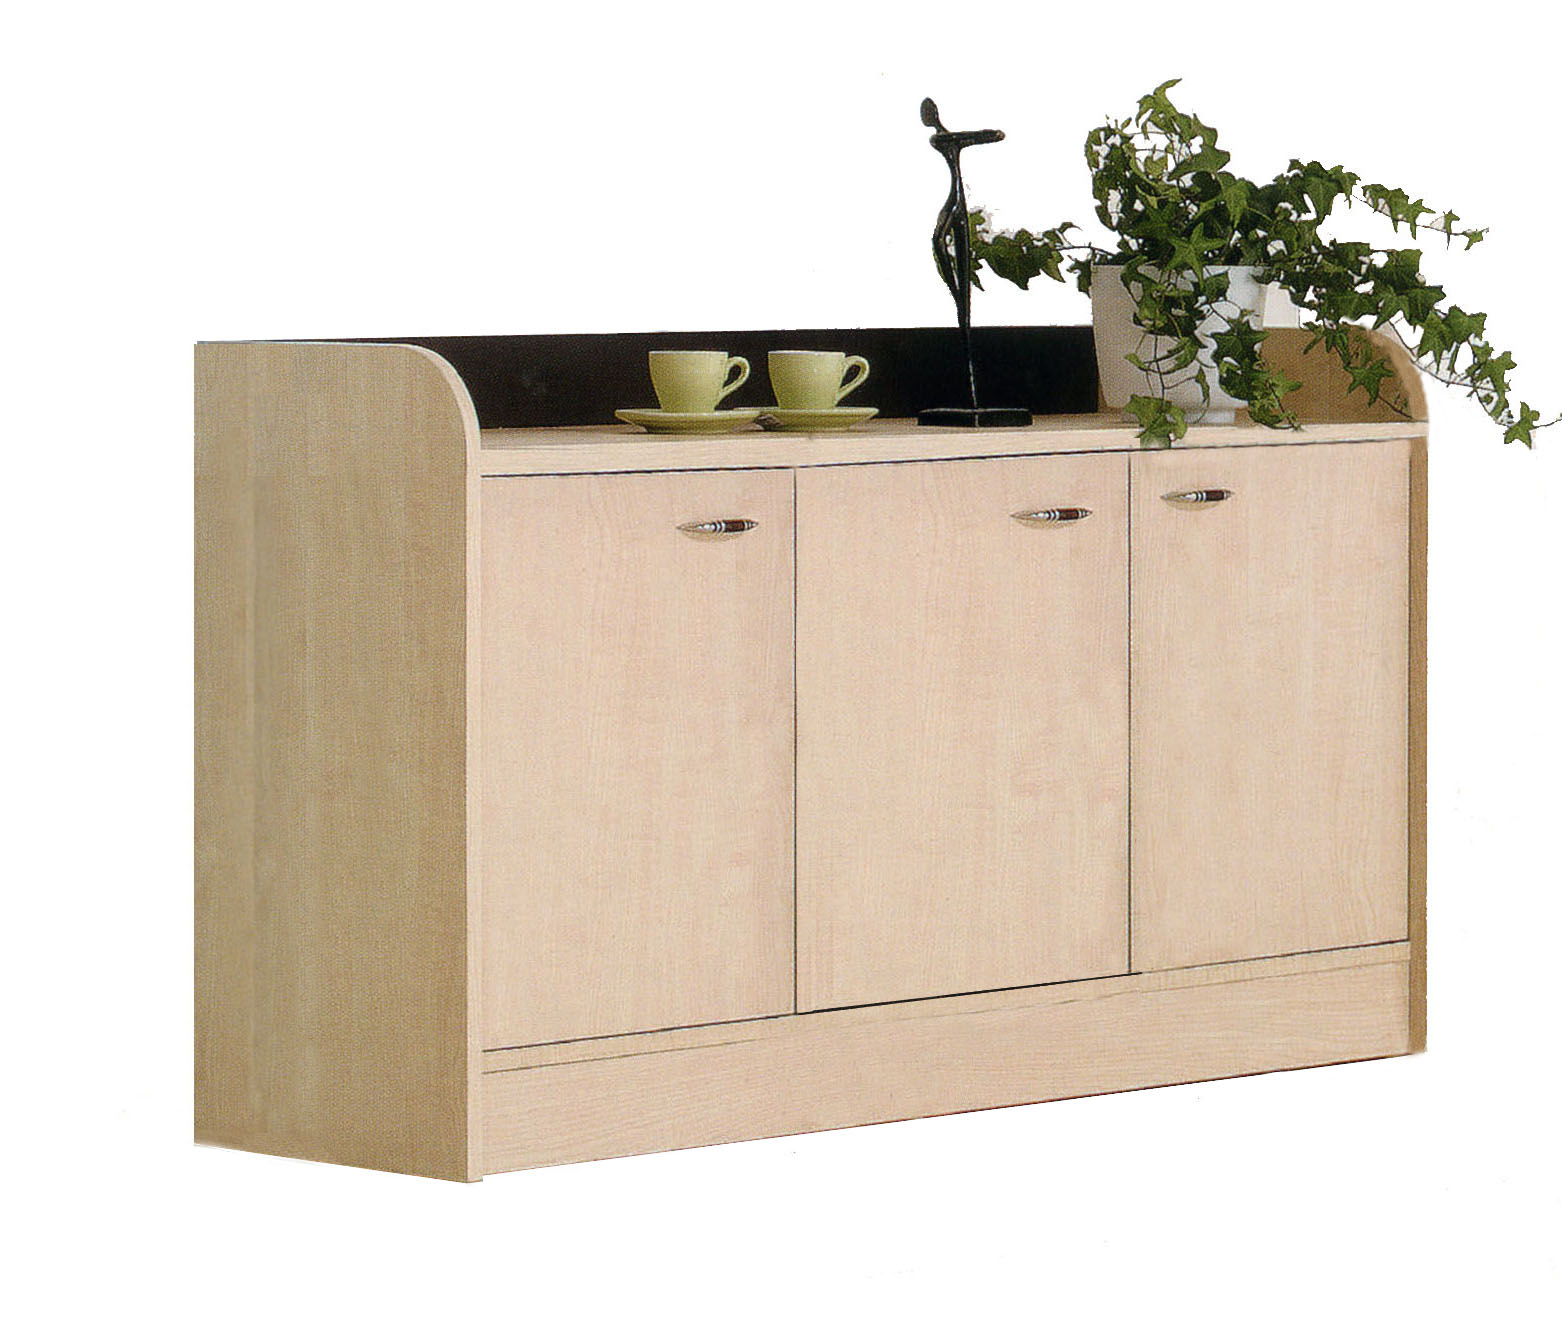 优质办公柜 实木办公家具一站式采购 重庆云腾家具有限公司